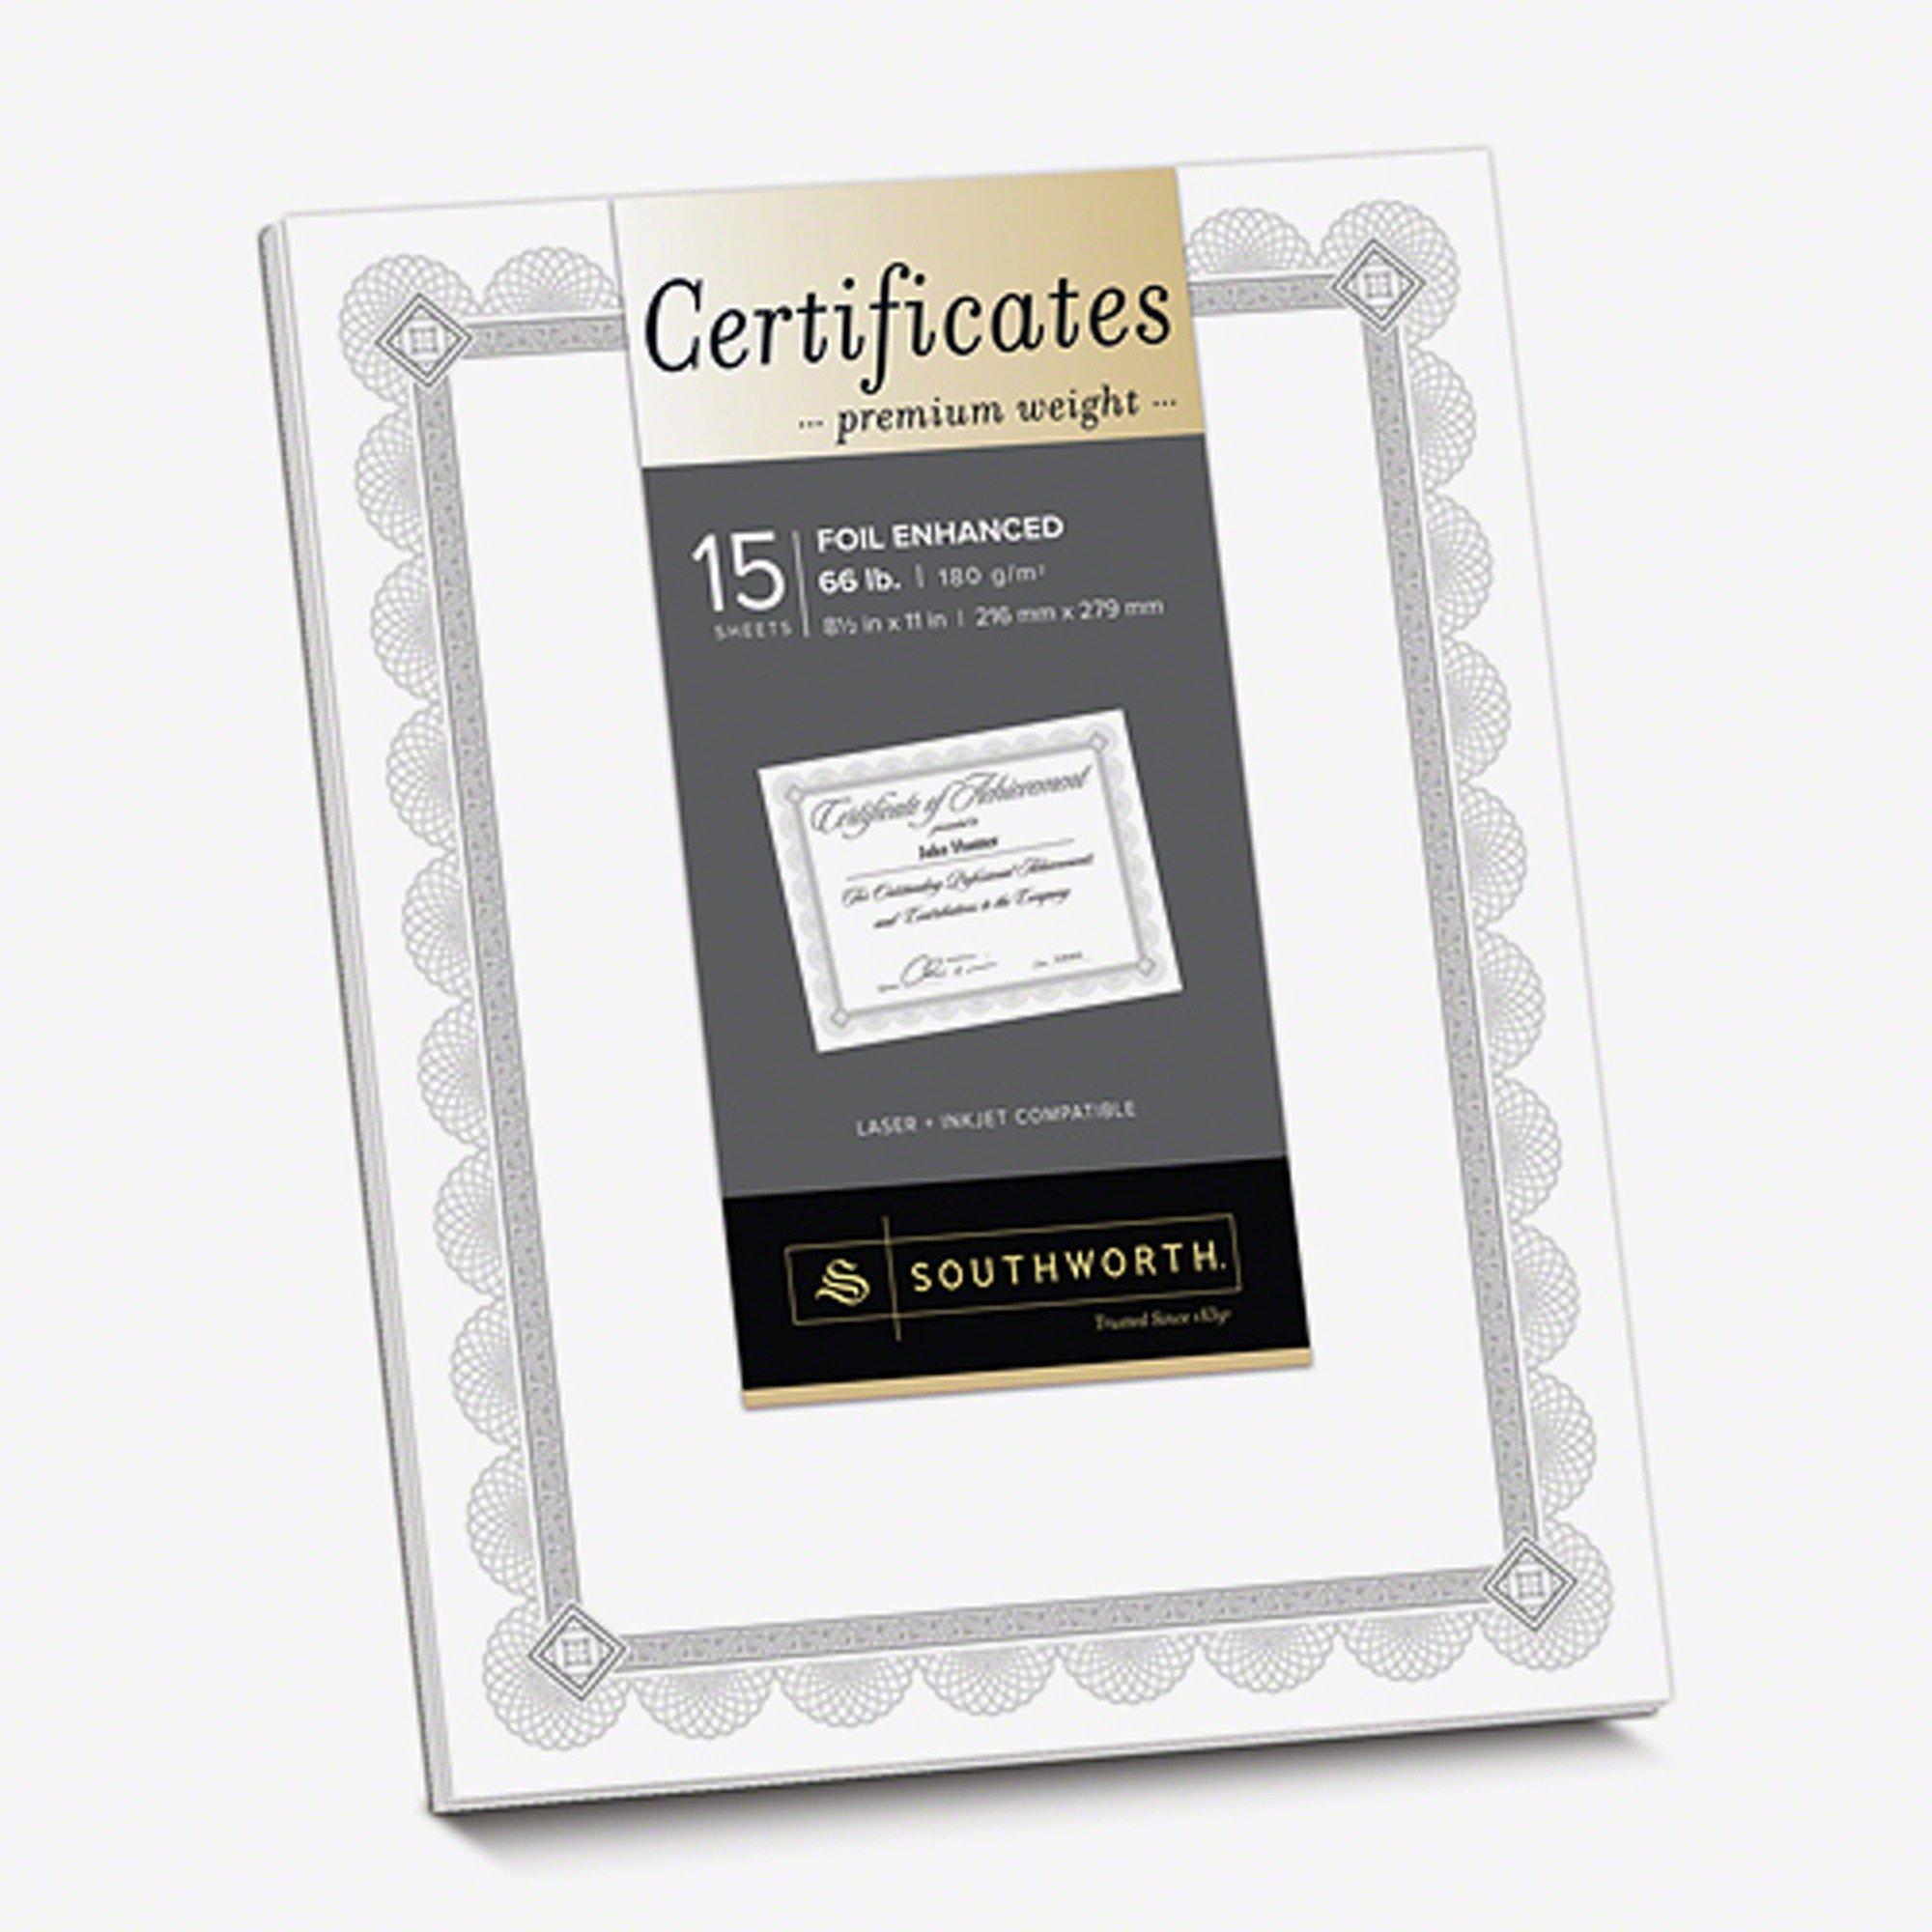 Southworth CTP2W Premium Certificates, White, Spiro Silver Foil Border, 66 lb, 8,5 x 11, 15/Pack